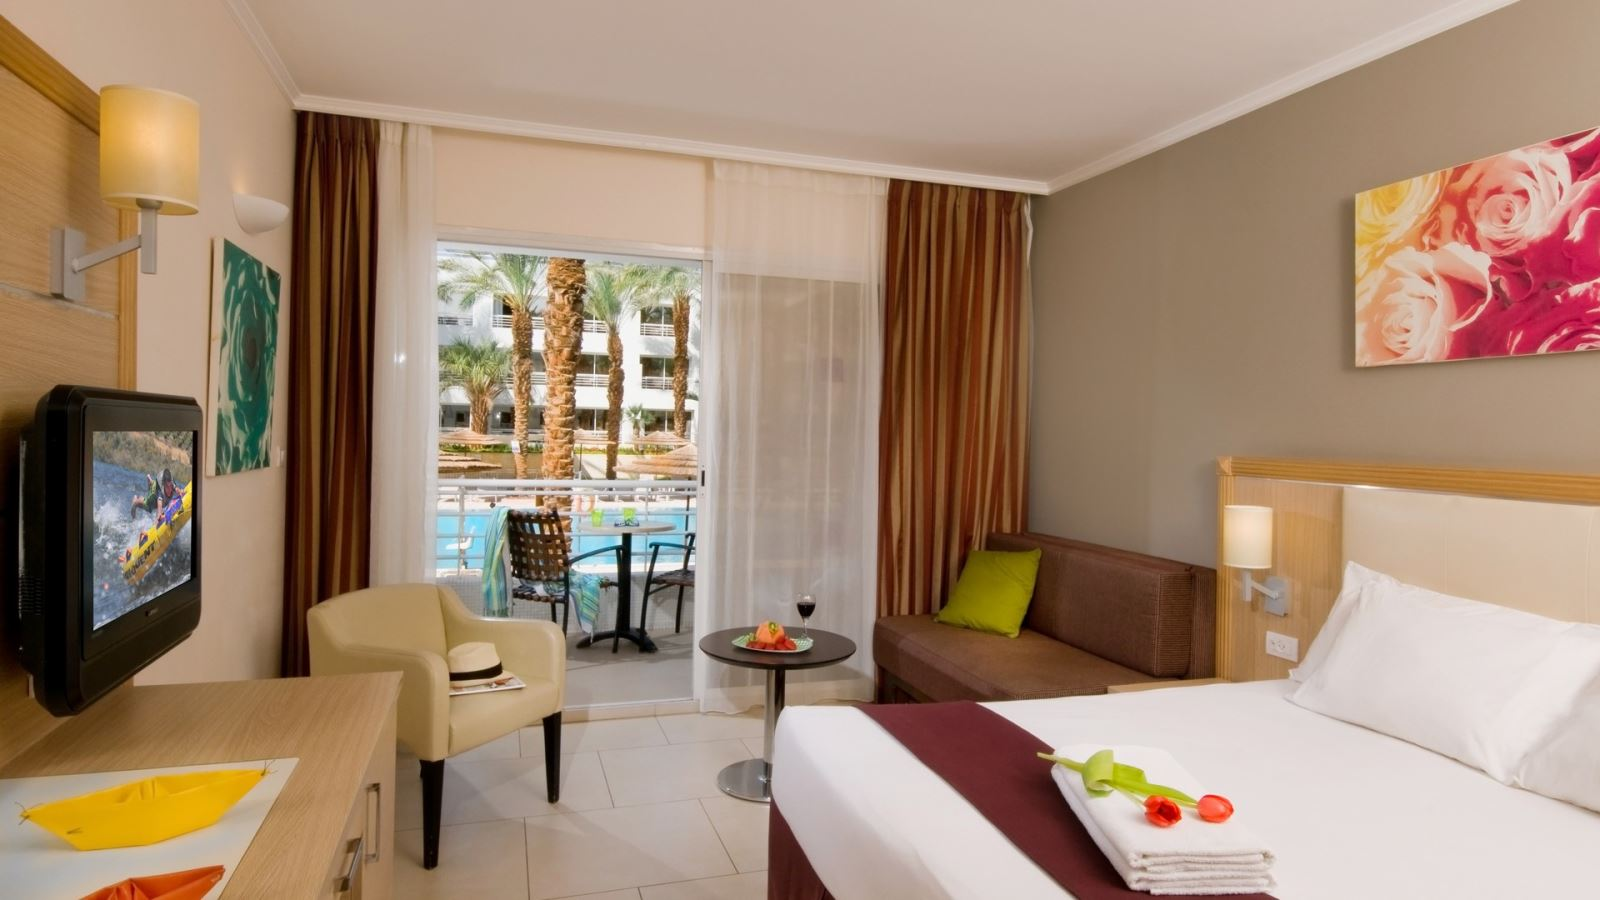 חופשה מפנקת במלון לאונרדו רויאל ריזורט אילת ב-40% הנחה!